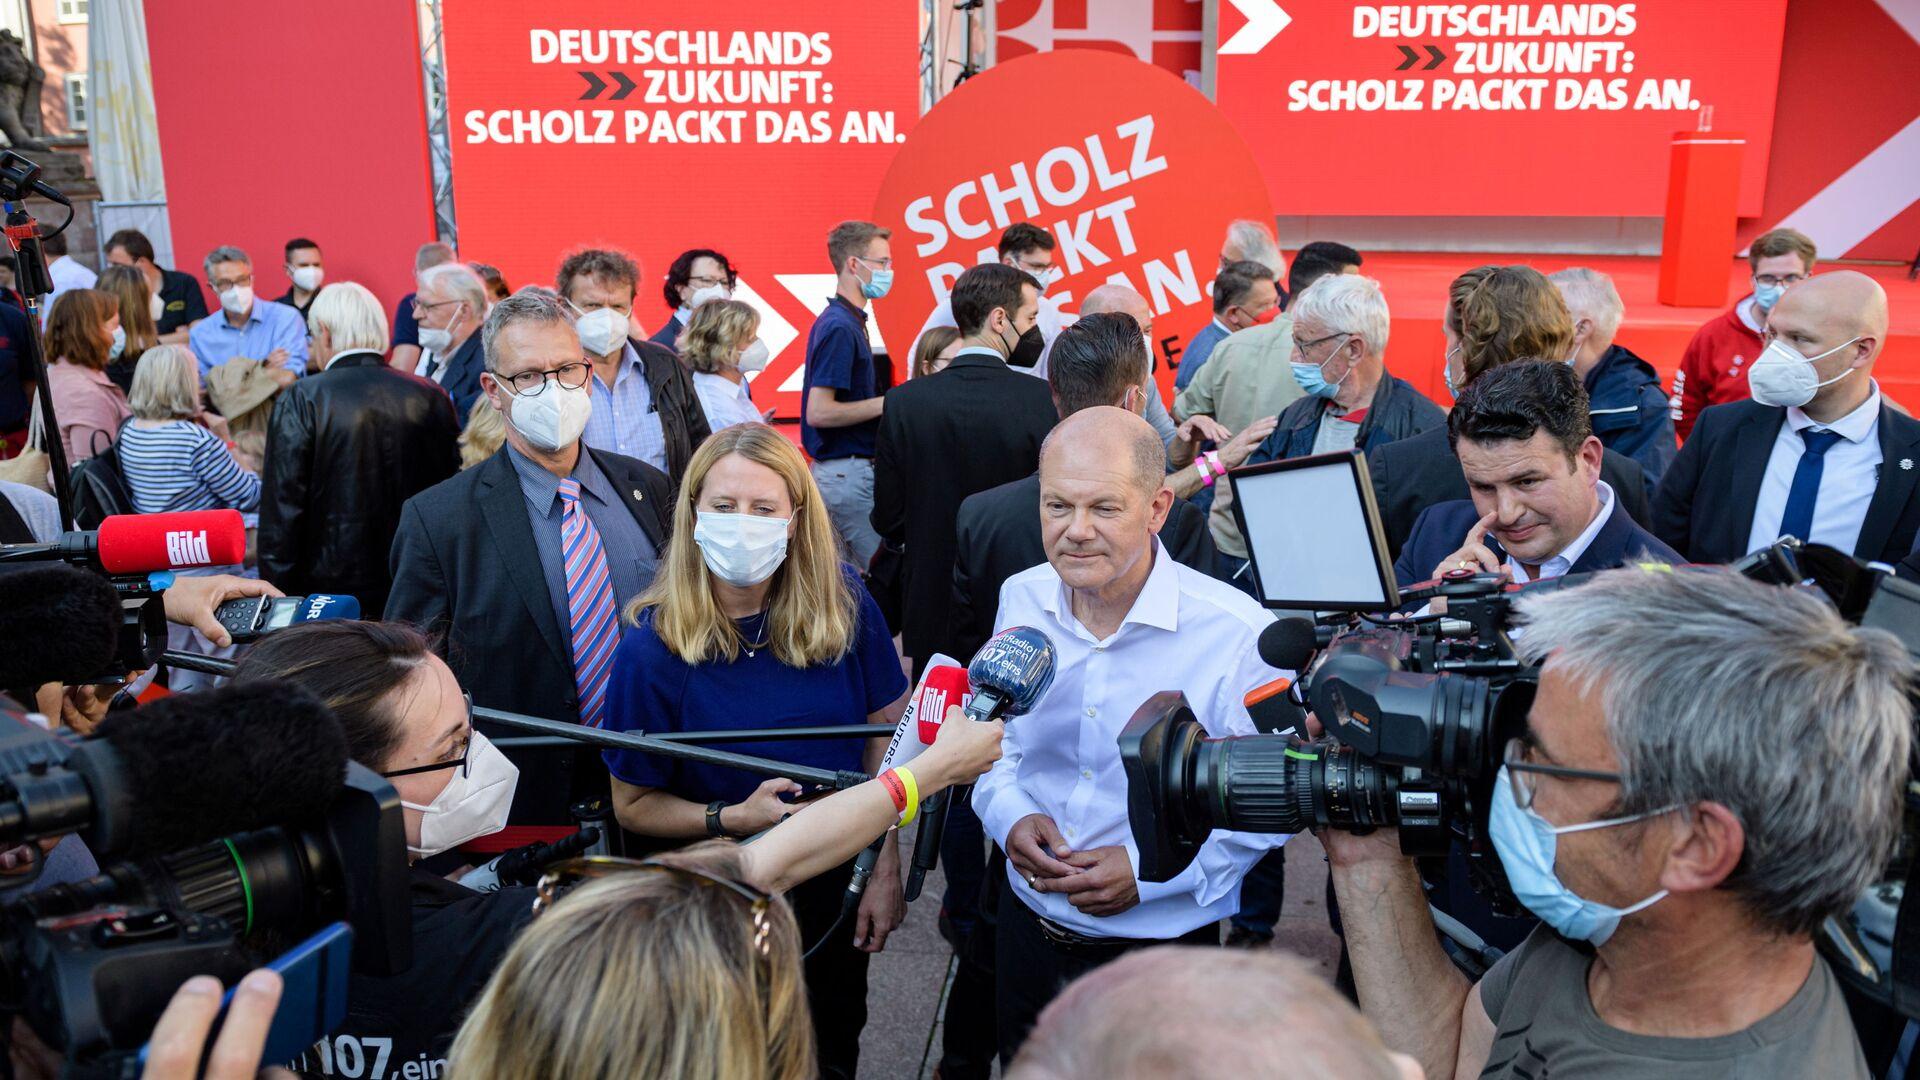 Вице-канцлер и главный кандидат от СДПГ Олаф Шольц дает интервью после предвыборной кампании в Геттингене, Германия - Sputnik Italia, 1920, 27.09.2021